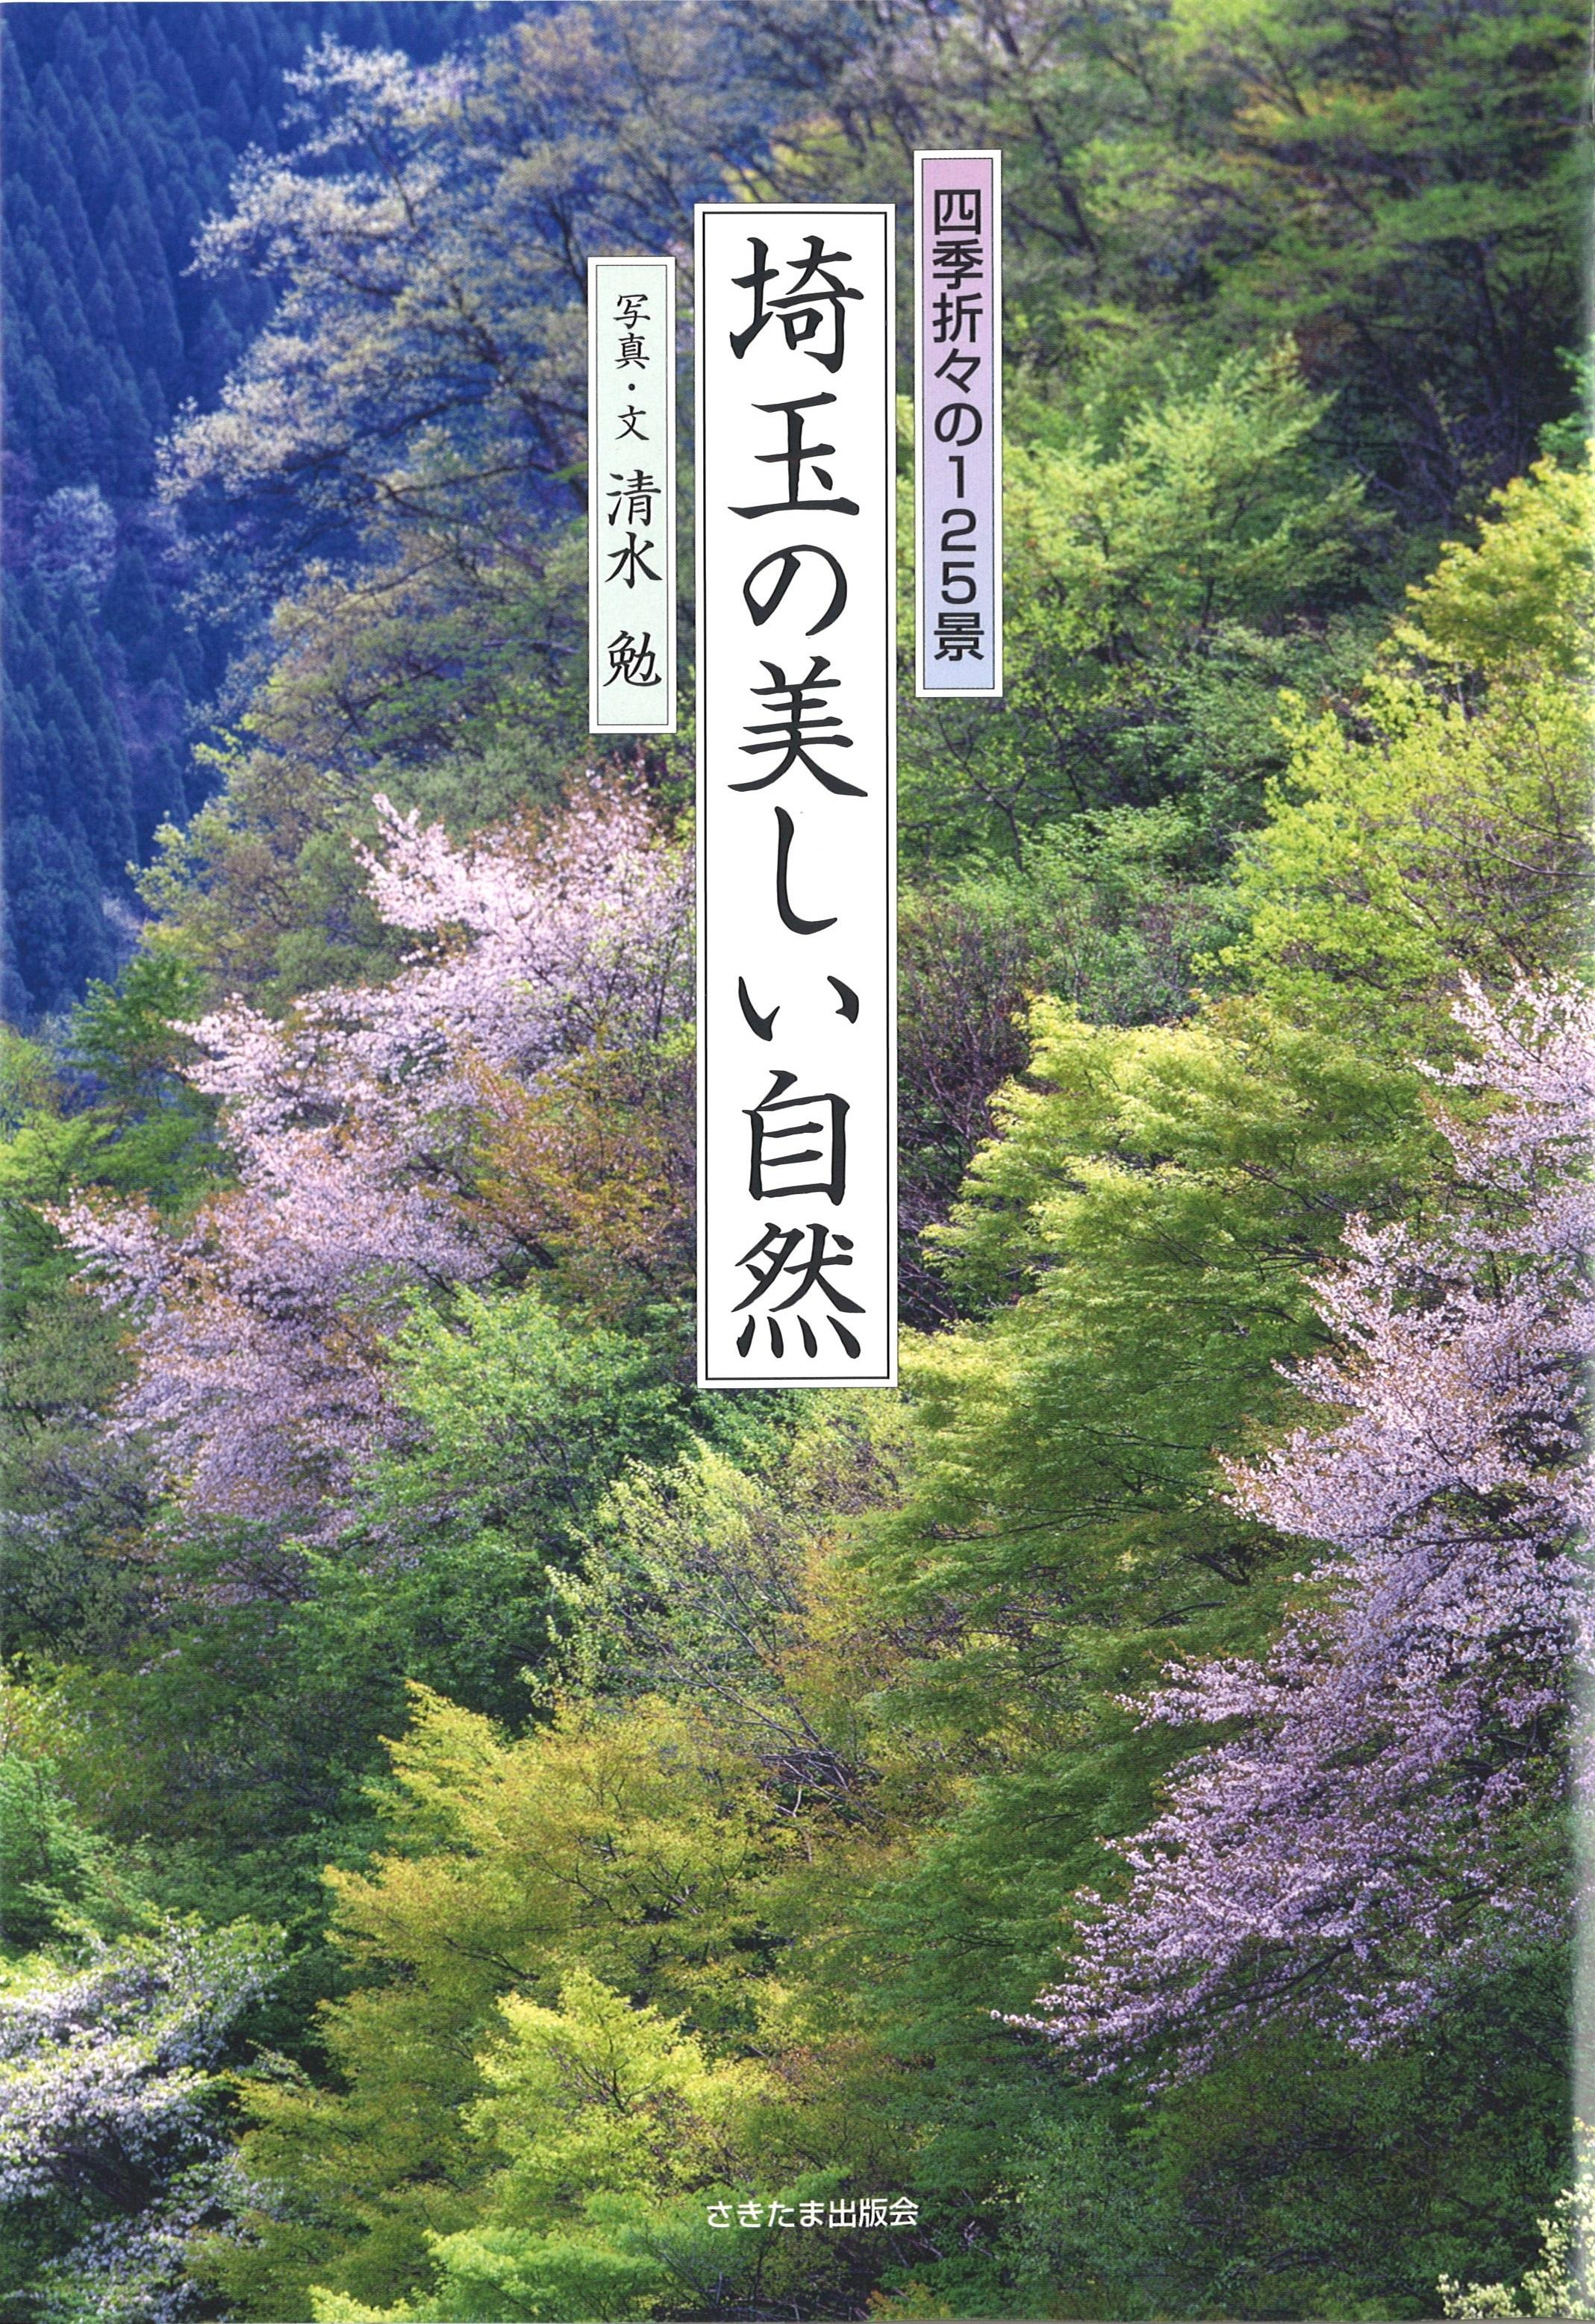 埼玉の美しい自然